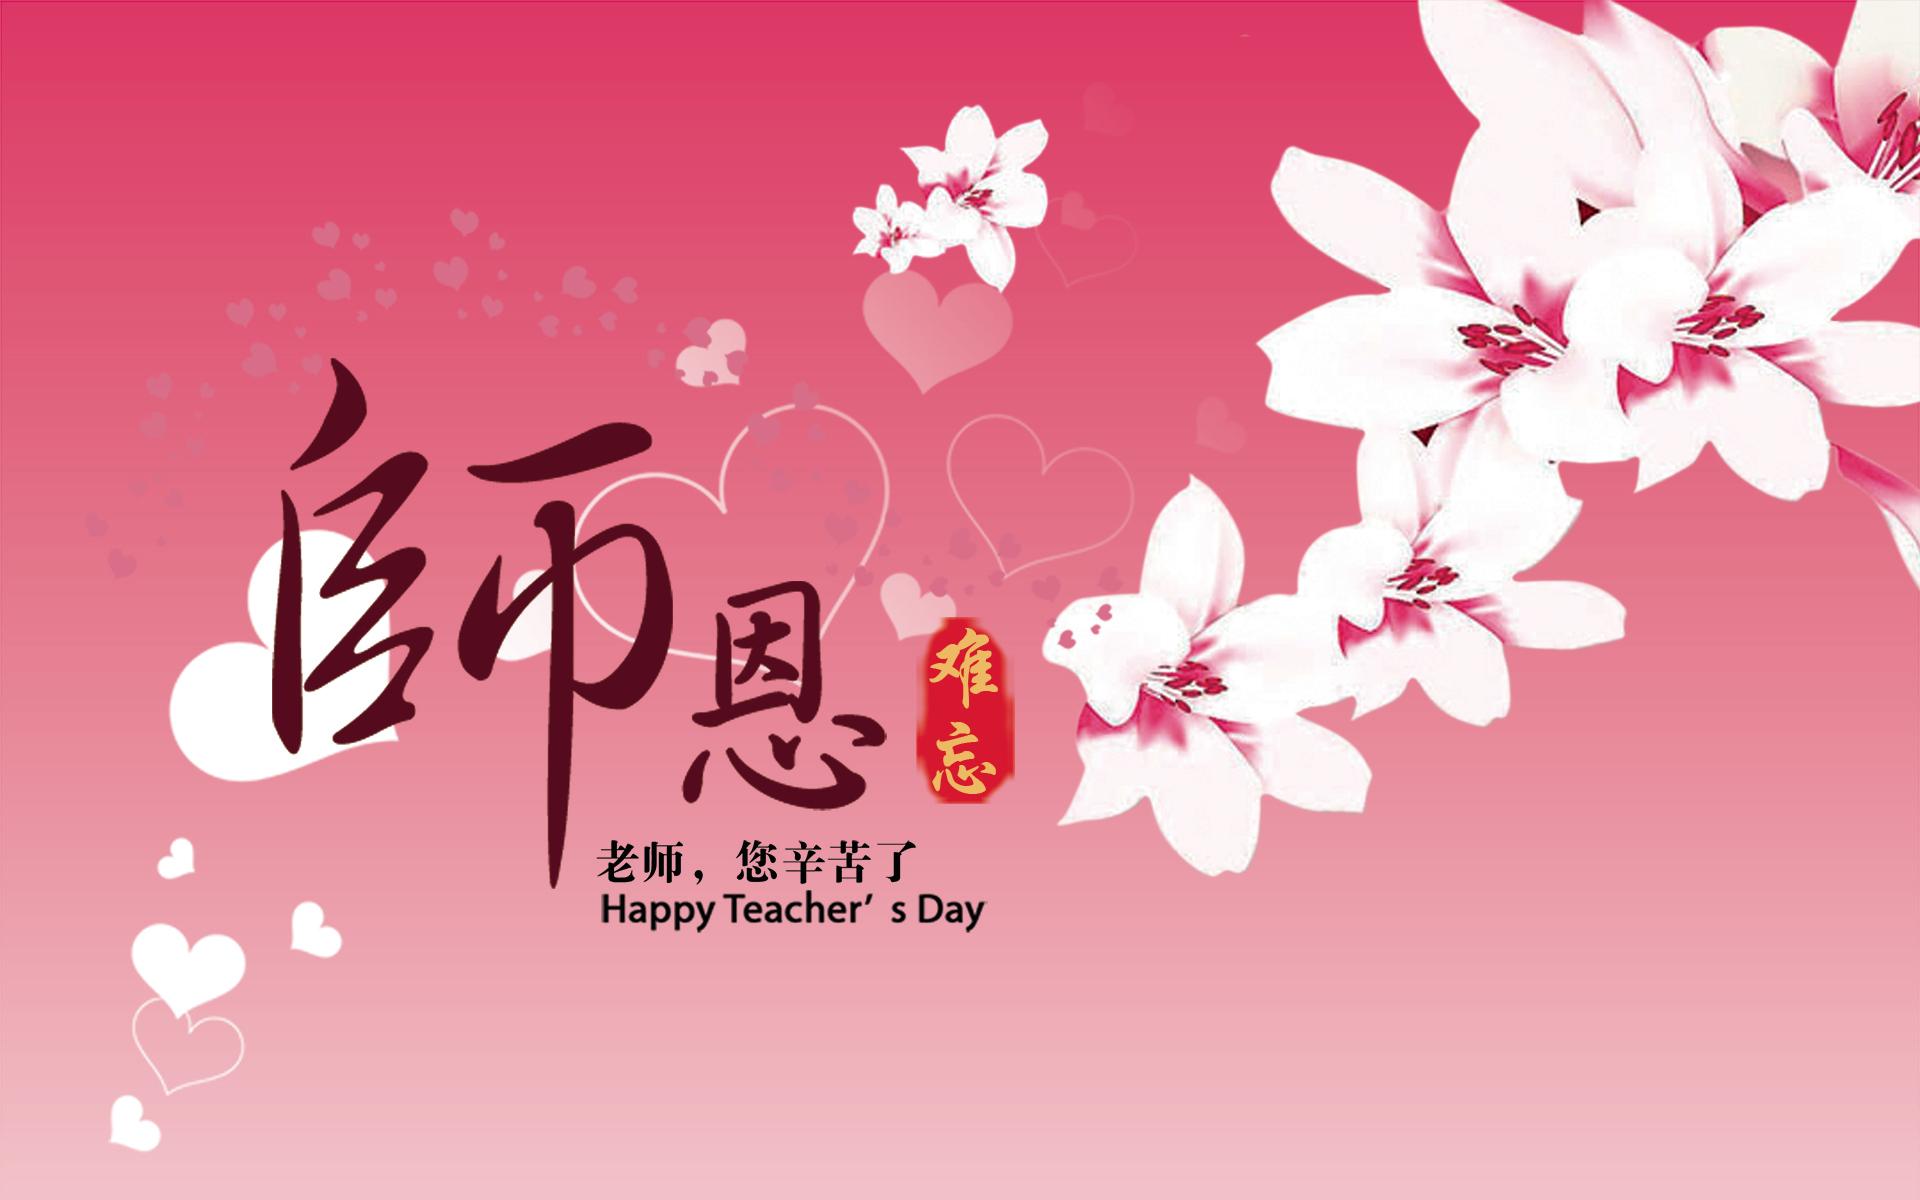 2015教师节ppt背景图片下载